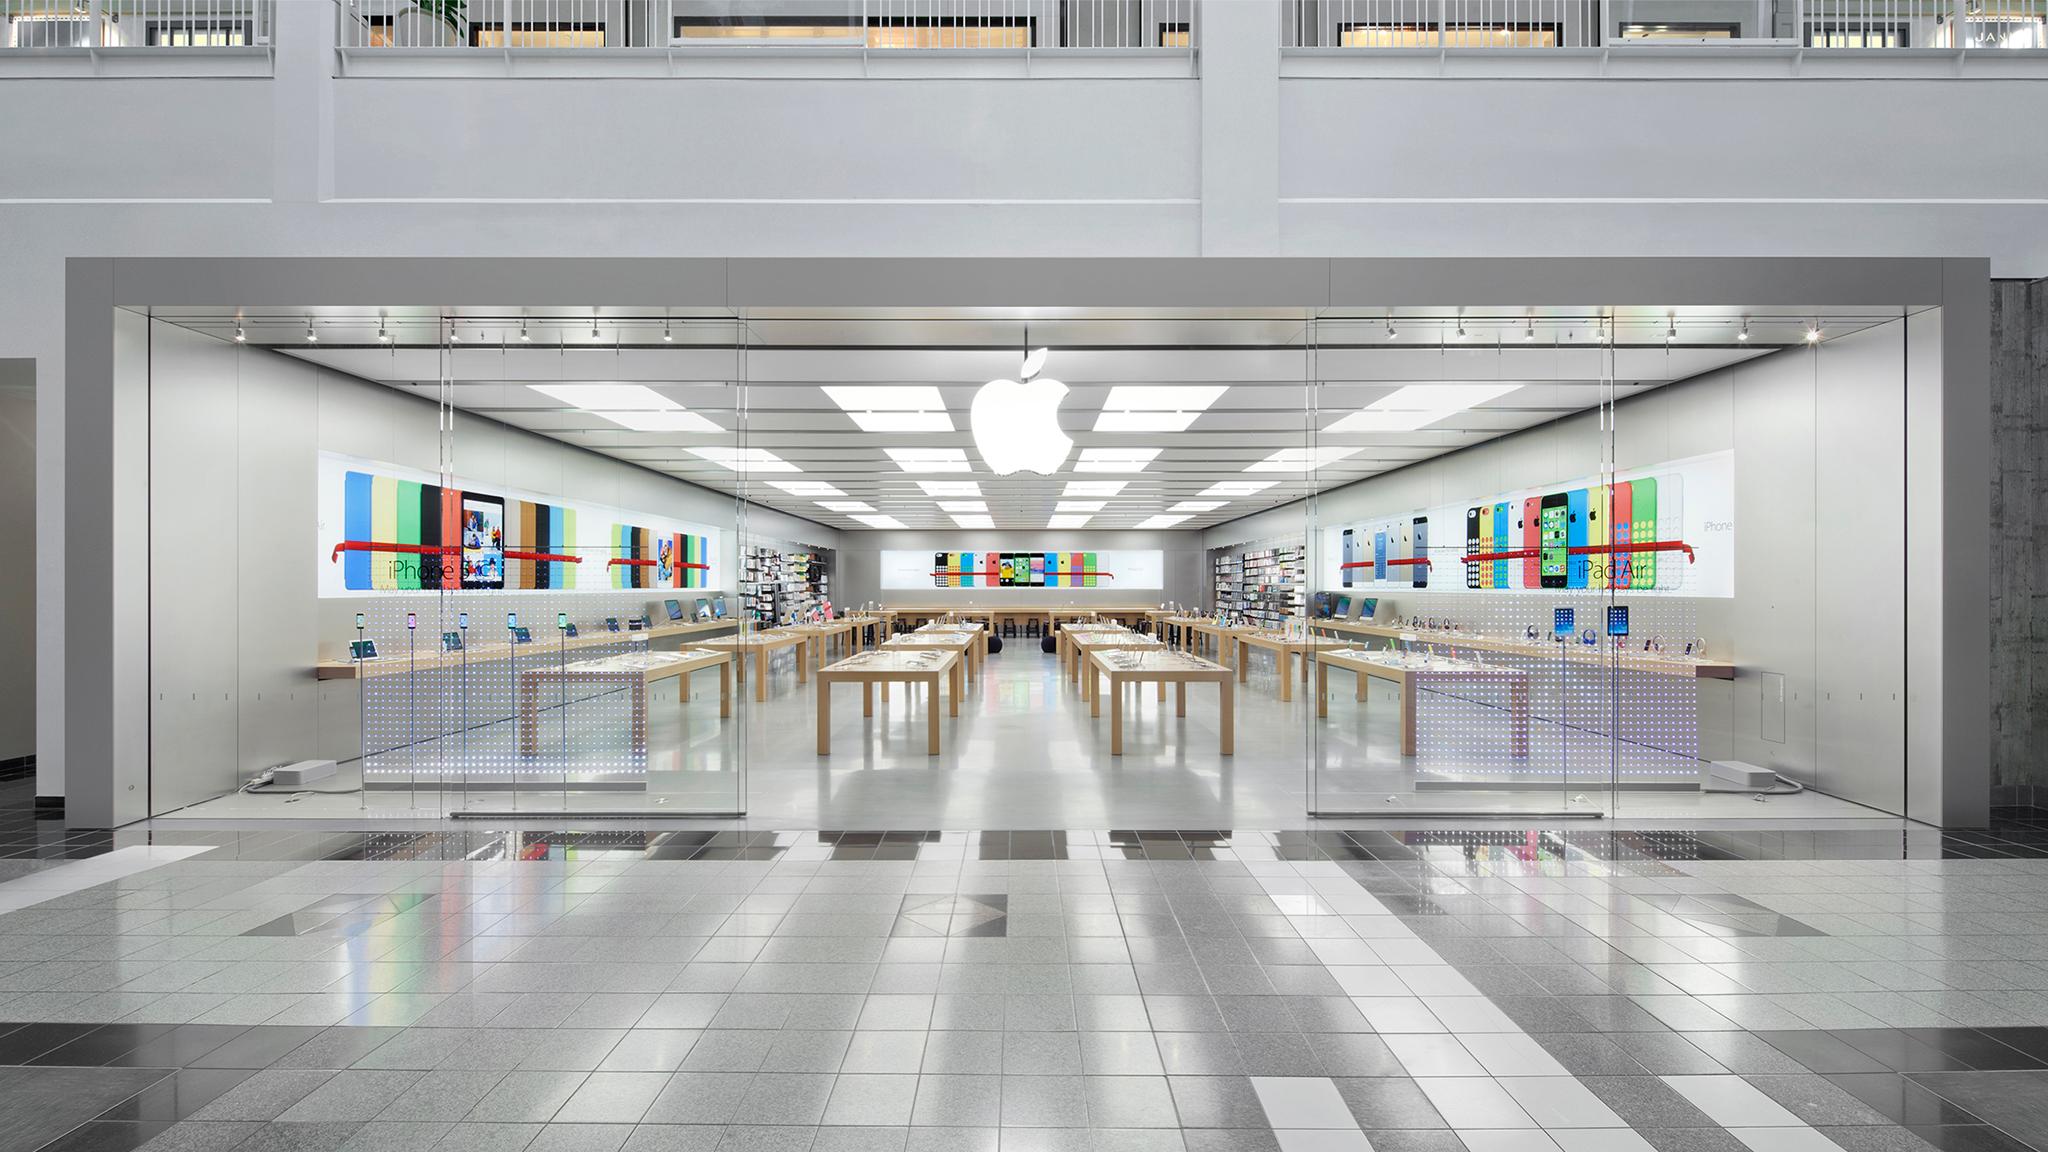 Apple Arden Fair image 0